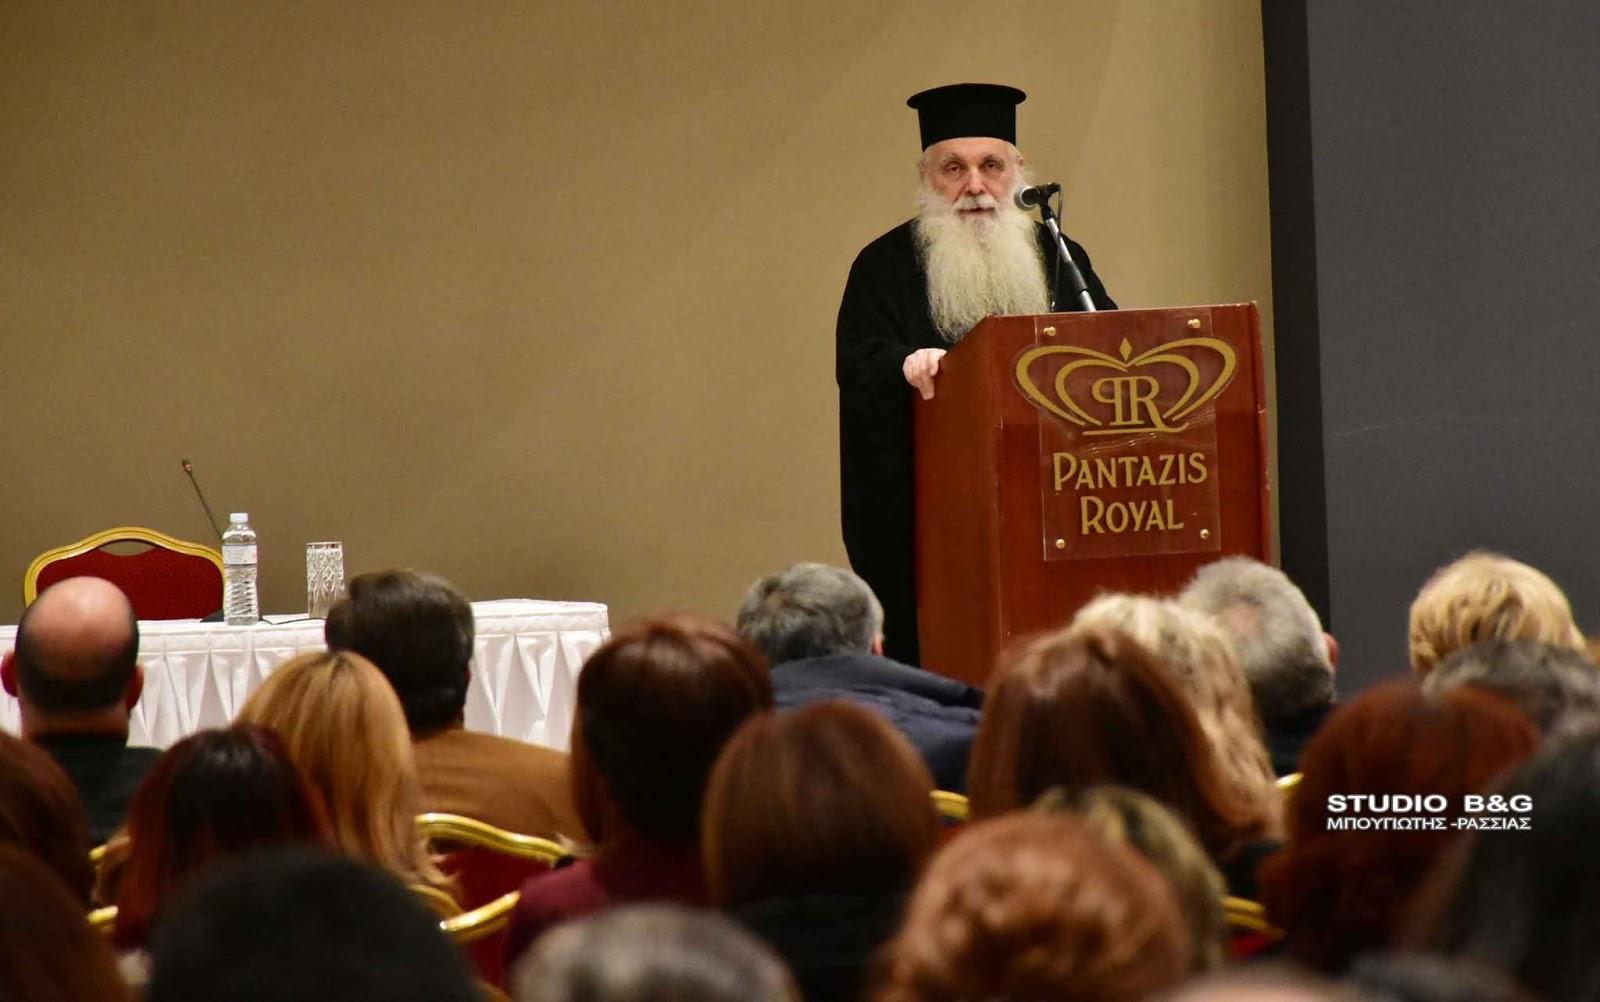 Εκδήλωση της Ιεράς Μητροπόλεως Αργολίδος για τους Εκπαιδευτικούς